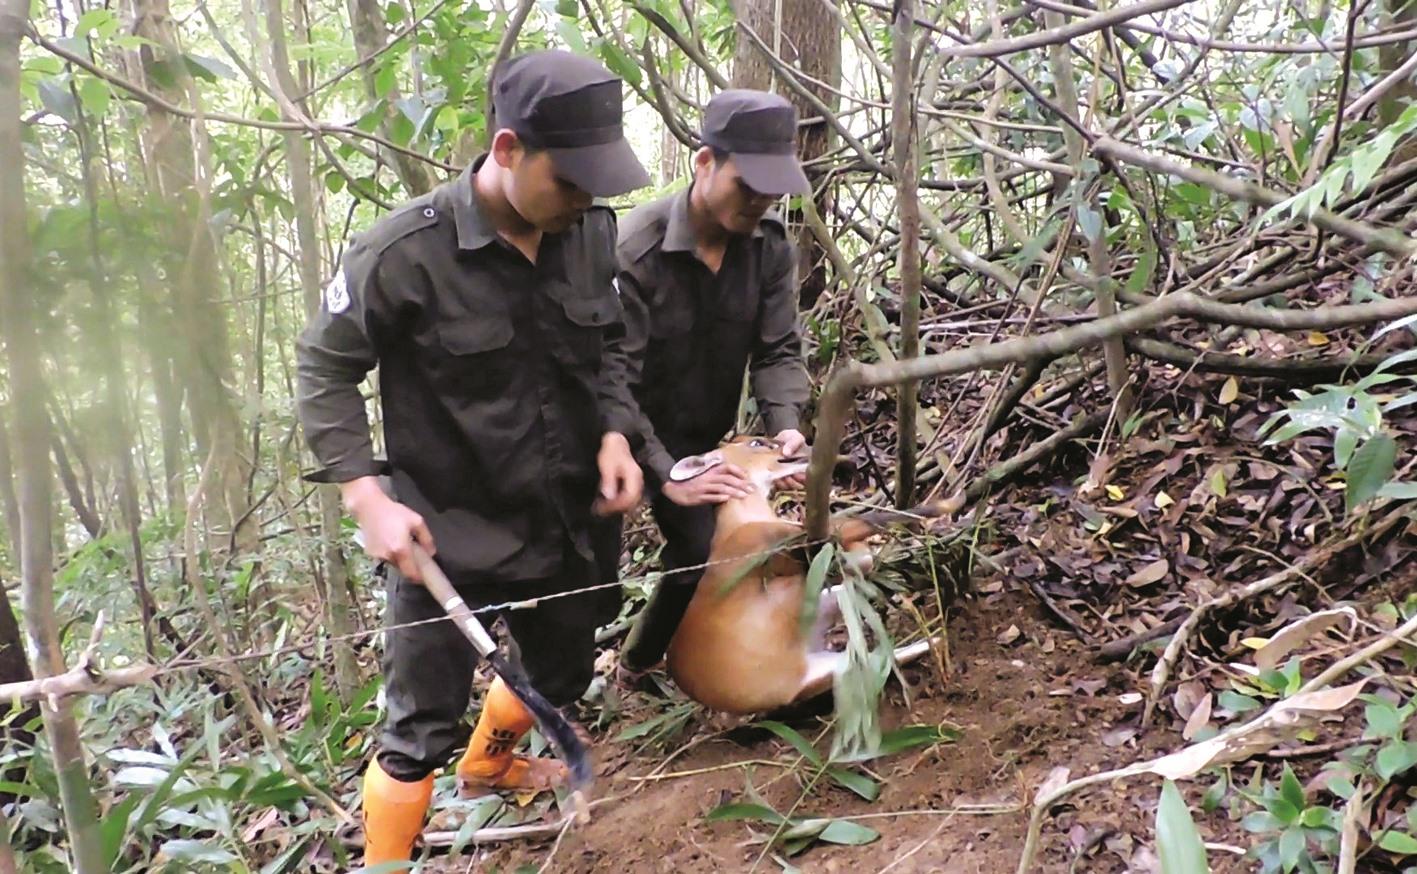 """Một con mang mắc bẫy được giải cứu thả về rừng. """"Ngoài việc tuần tra phá bẫy thì khu bảo tồn tuyên truyền và hỗ trợ sinh kế cho cộng đồng để người dân bảo vệ rừng và thay đổi tập quán săn bắt"""" - ông Lê Hoàng Sơn, Phó Giám đốc Khu bảo tồn loài Sao la Quảng Nam nói."""